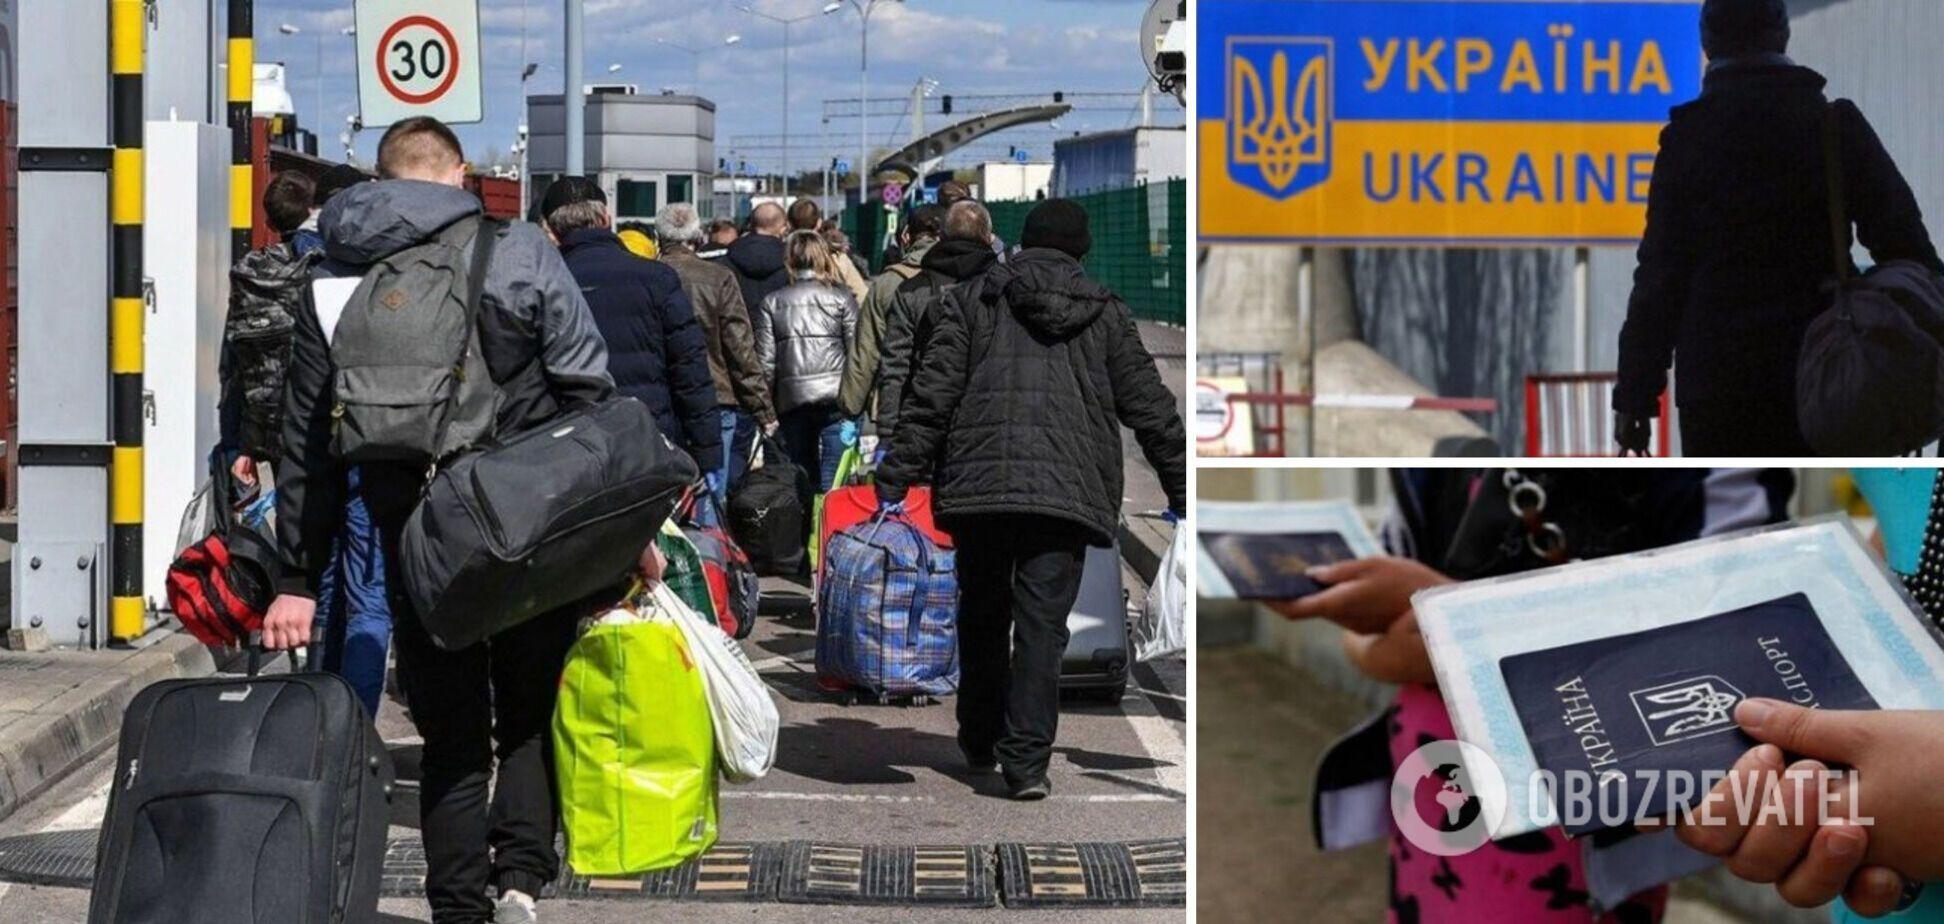 Європейські фірми з підбору кадрів розміщують усе більше оголошень із 'вигідними пропозиціями' для українців